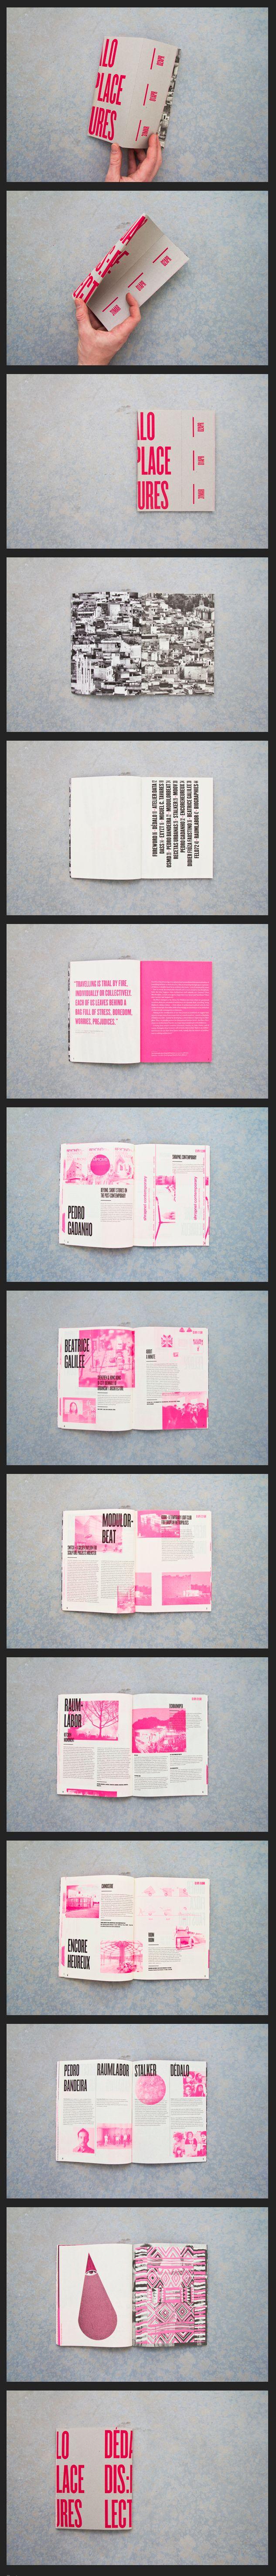 http://www.behance.net/gallery/Ddalo-Lectures/6580679